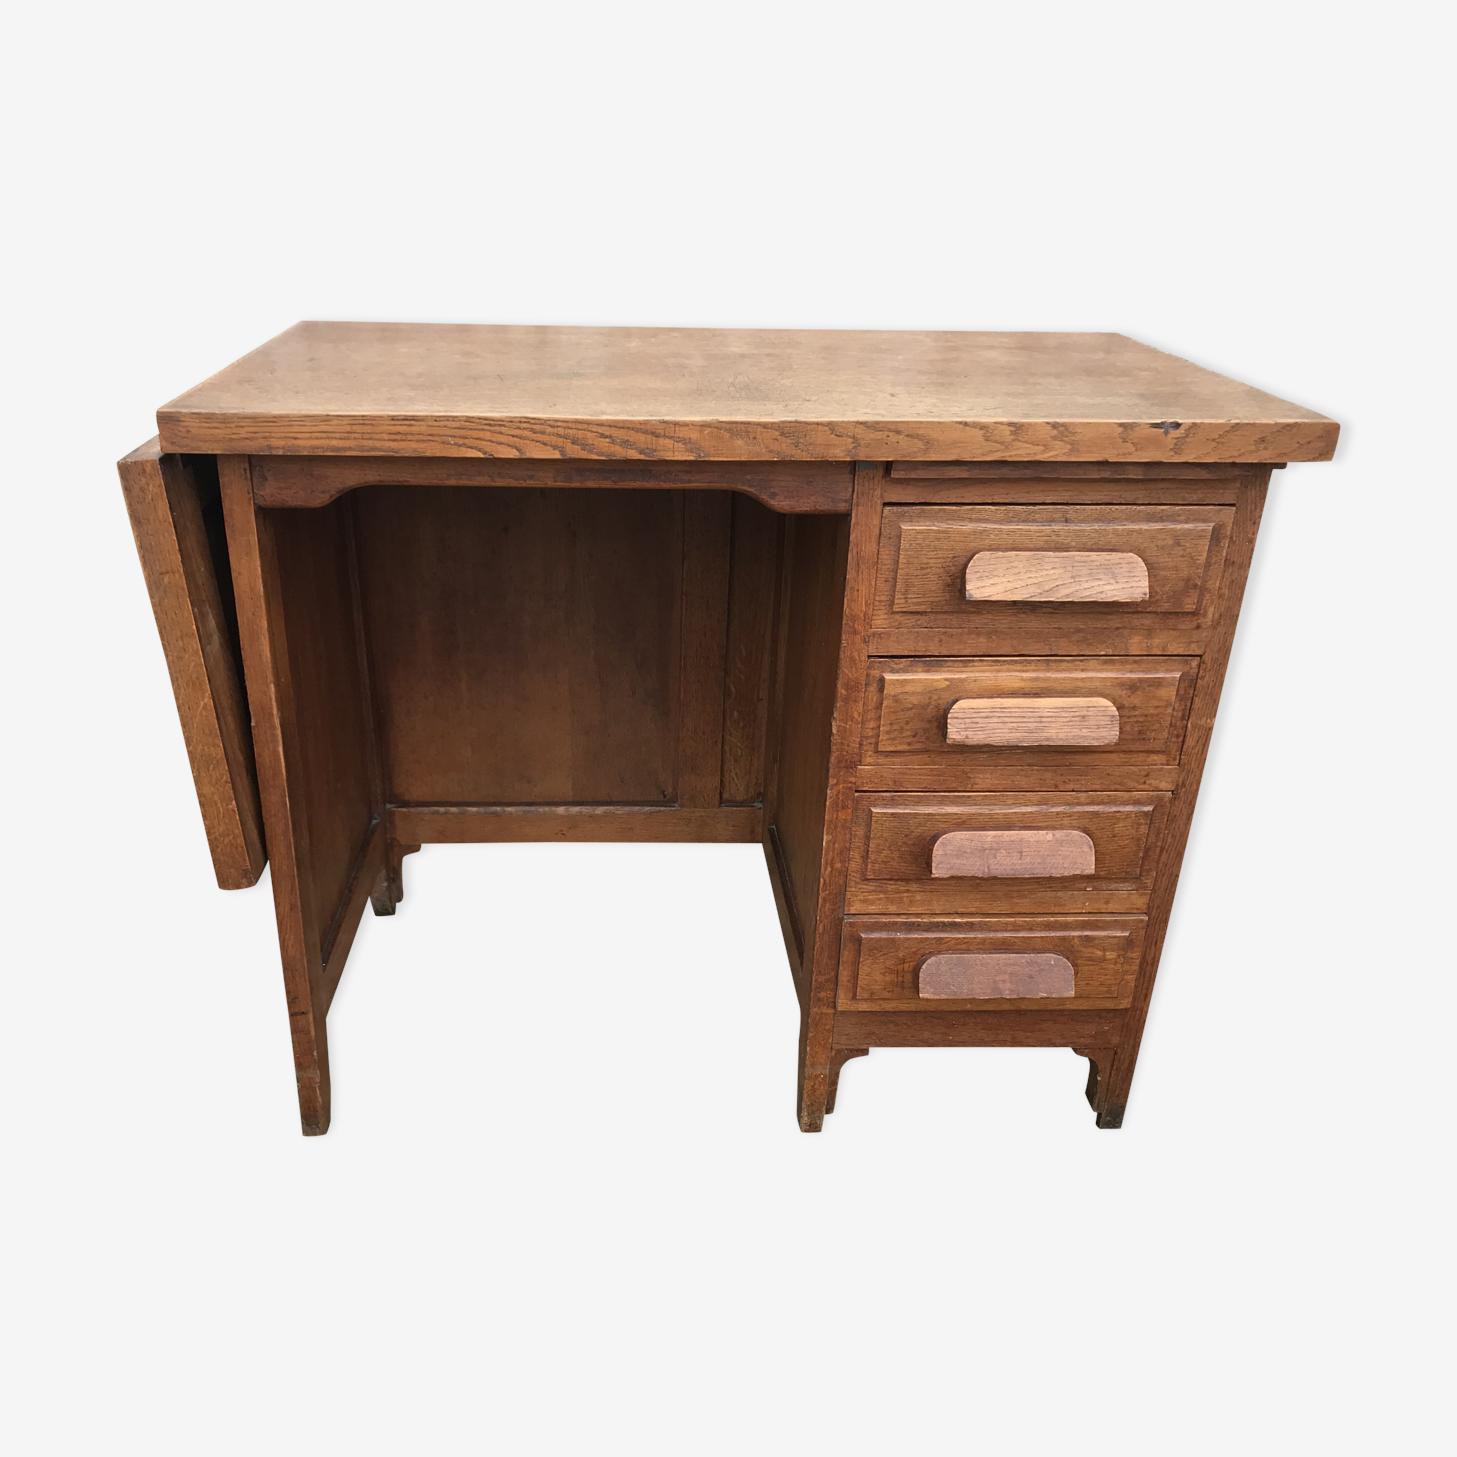 Former administrative oak desk